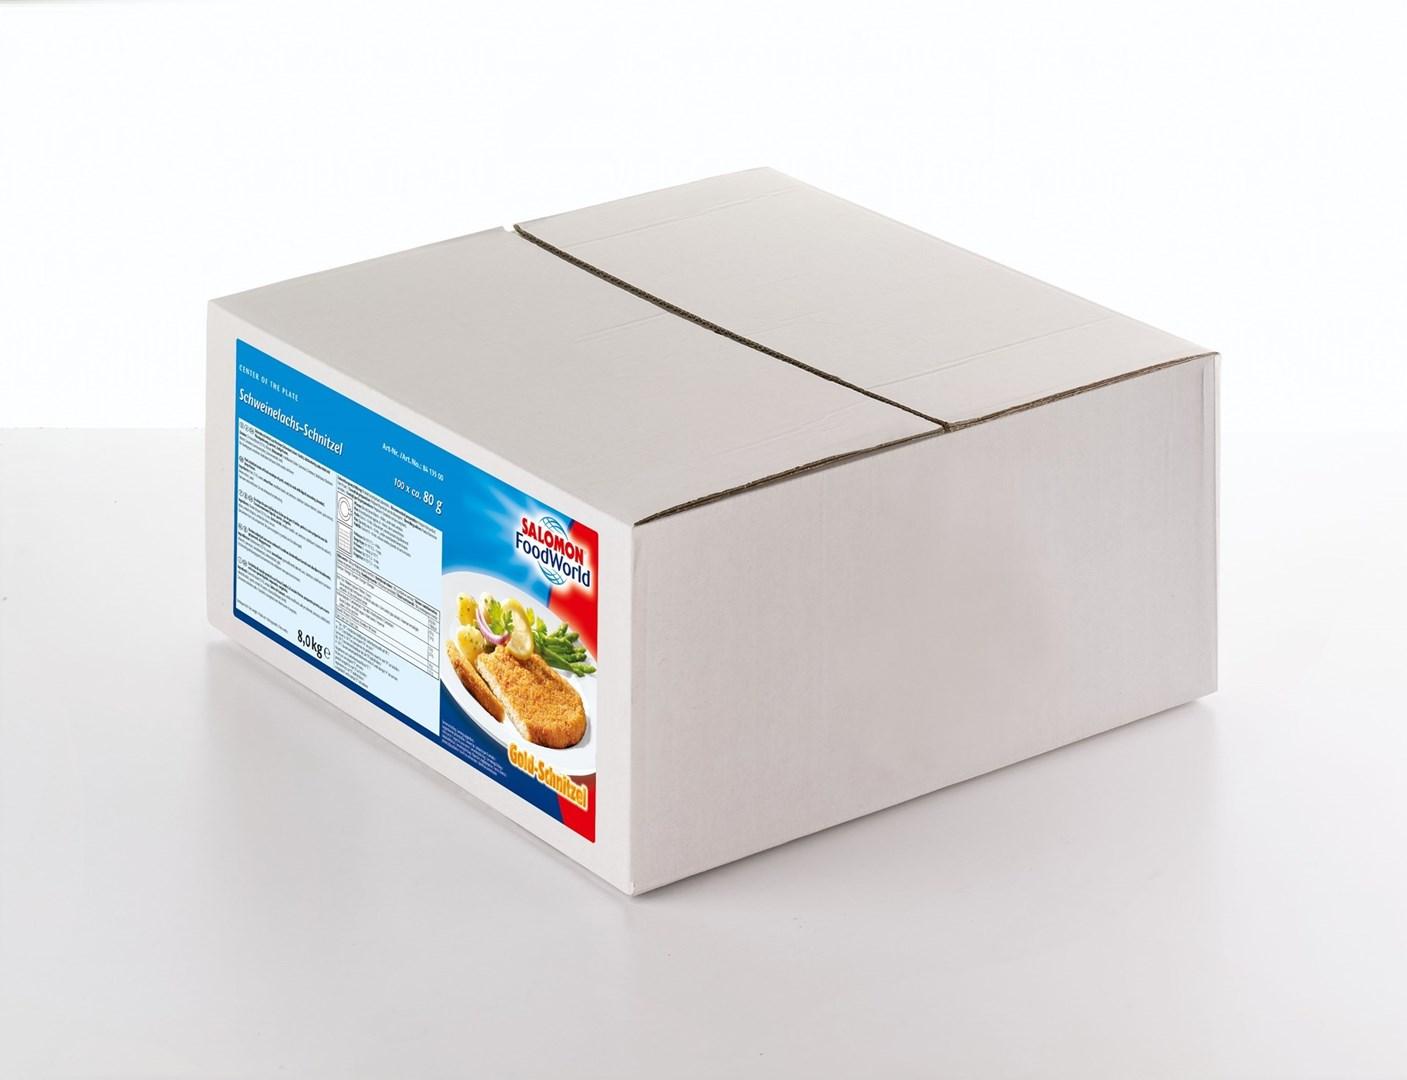 Productafbeelding MS Varkensfilet Schnitzel 80 g